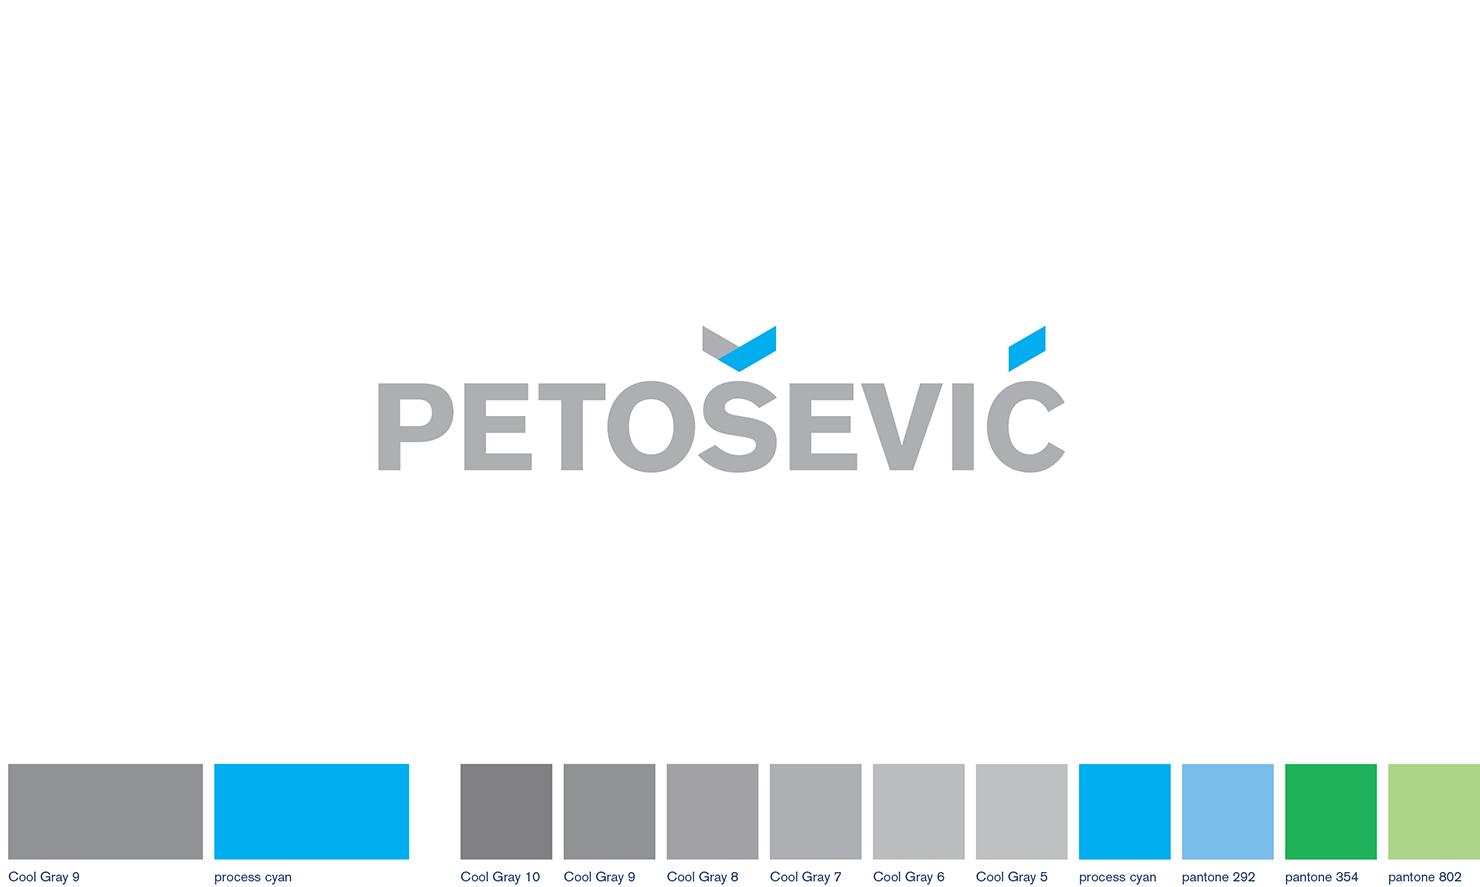 Petosevic